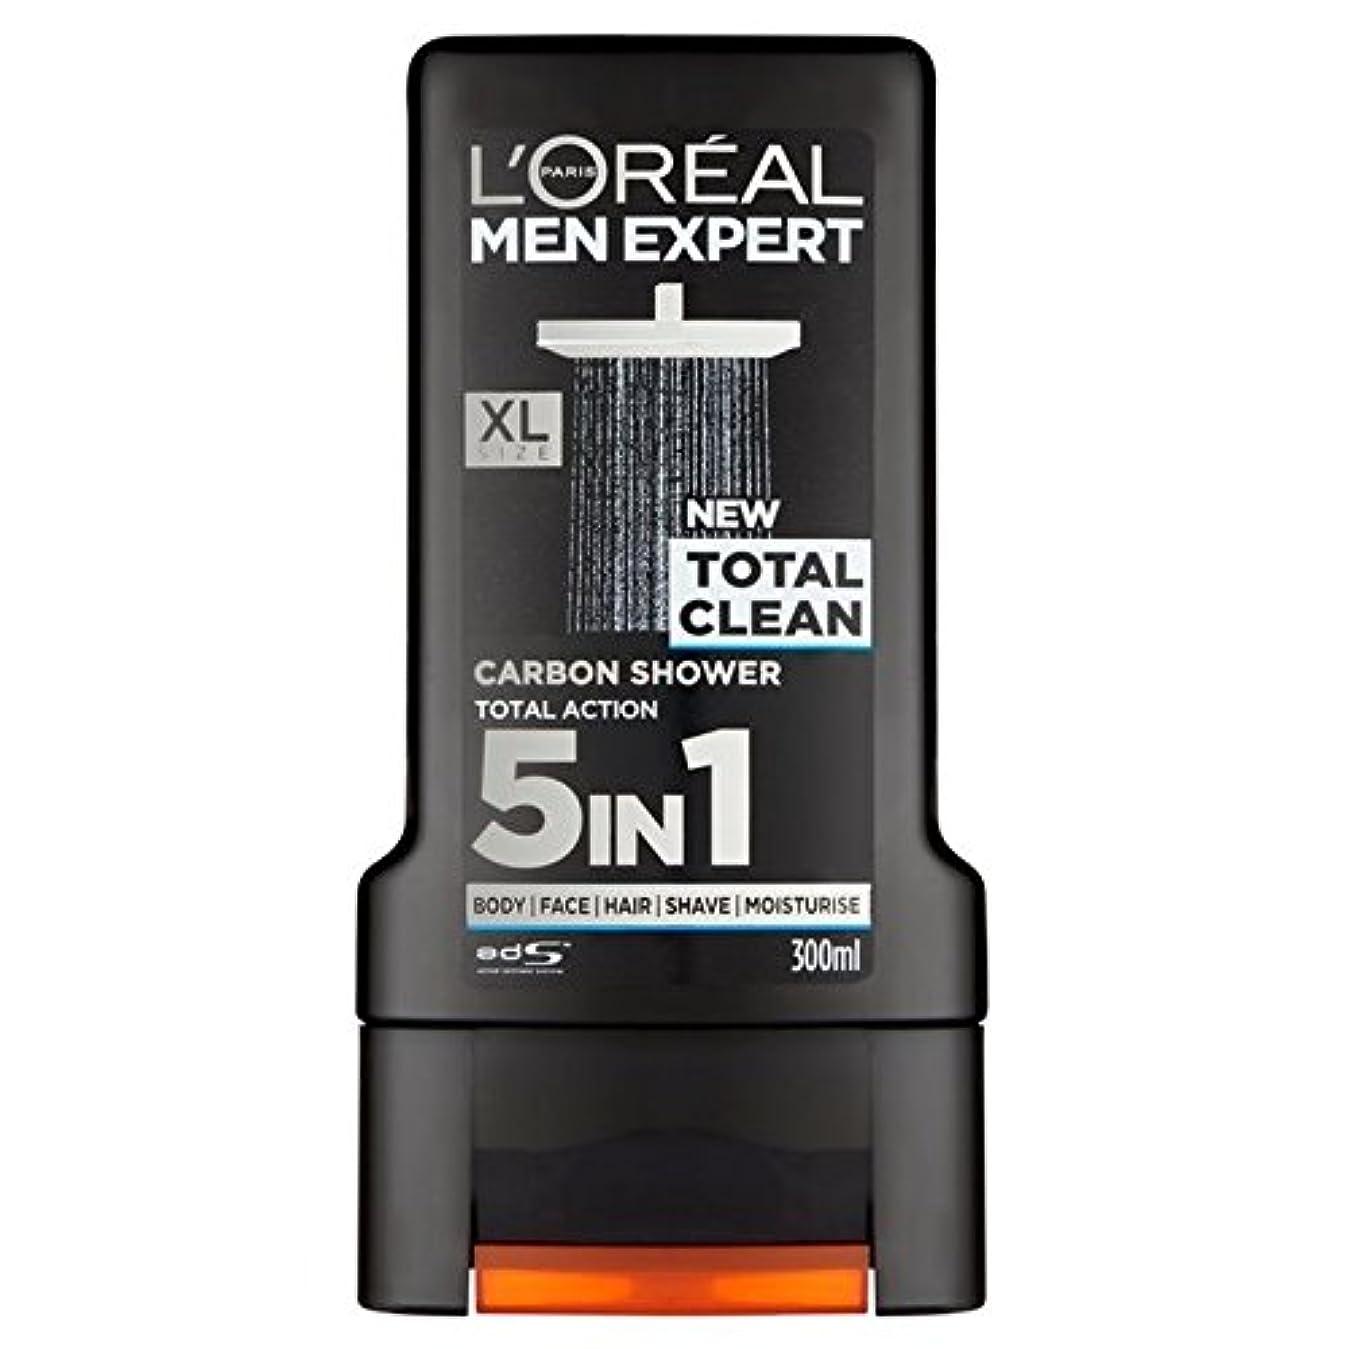 恐ろしいグラスかけがえのないロレアルパリのメンズ専門トータルクリーンシャワージェル300ミリリットル x2 - L'Oreal Paris Men Expert Total Clean Shower Gel 300ml (Pack of 2) [並行輸入品]